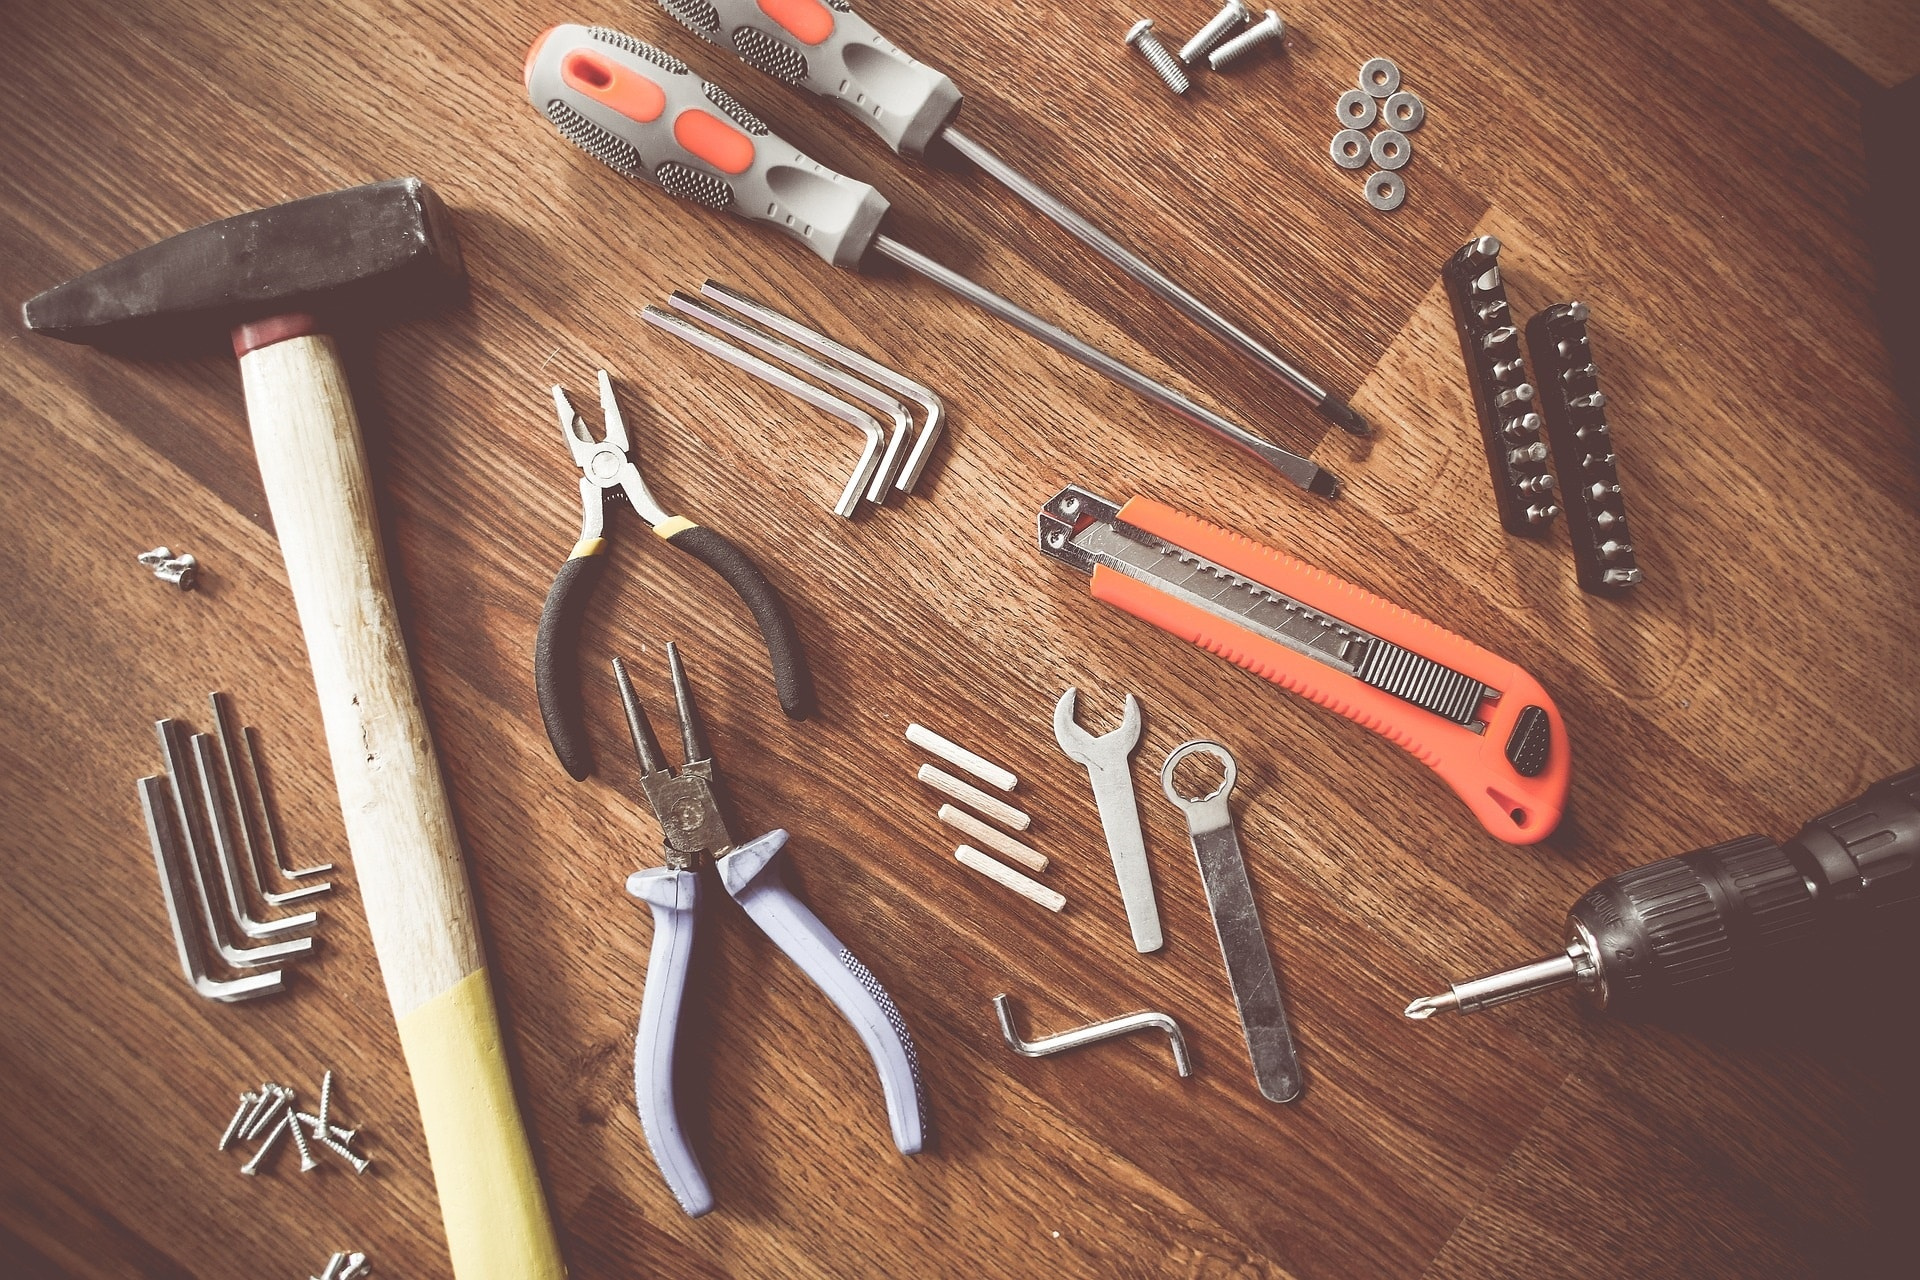 Tool Allowance Tax Relief